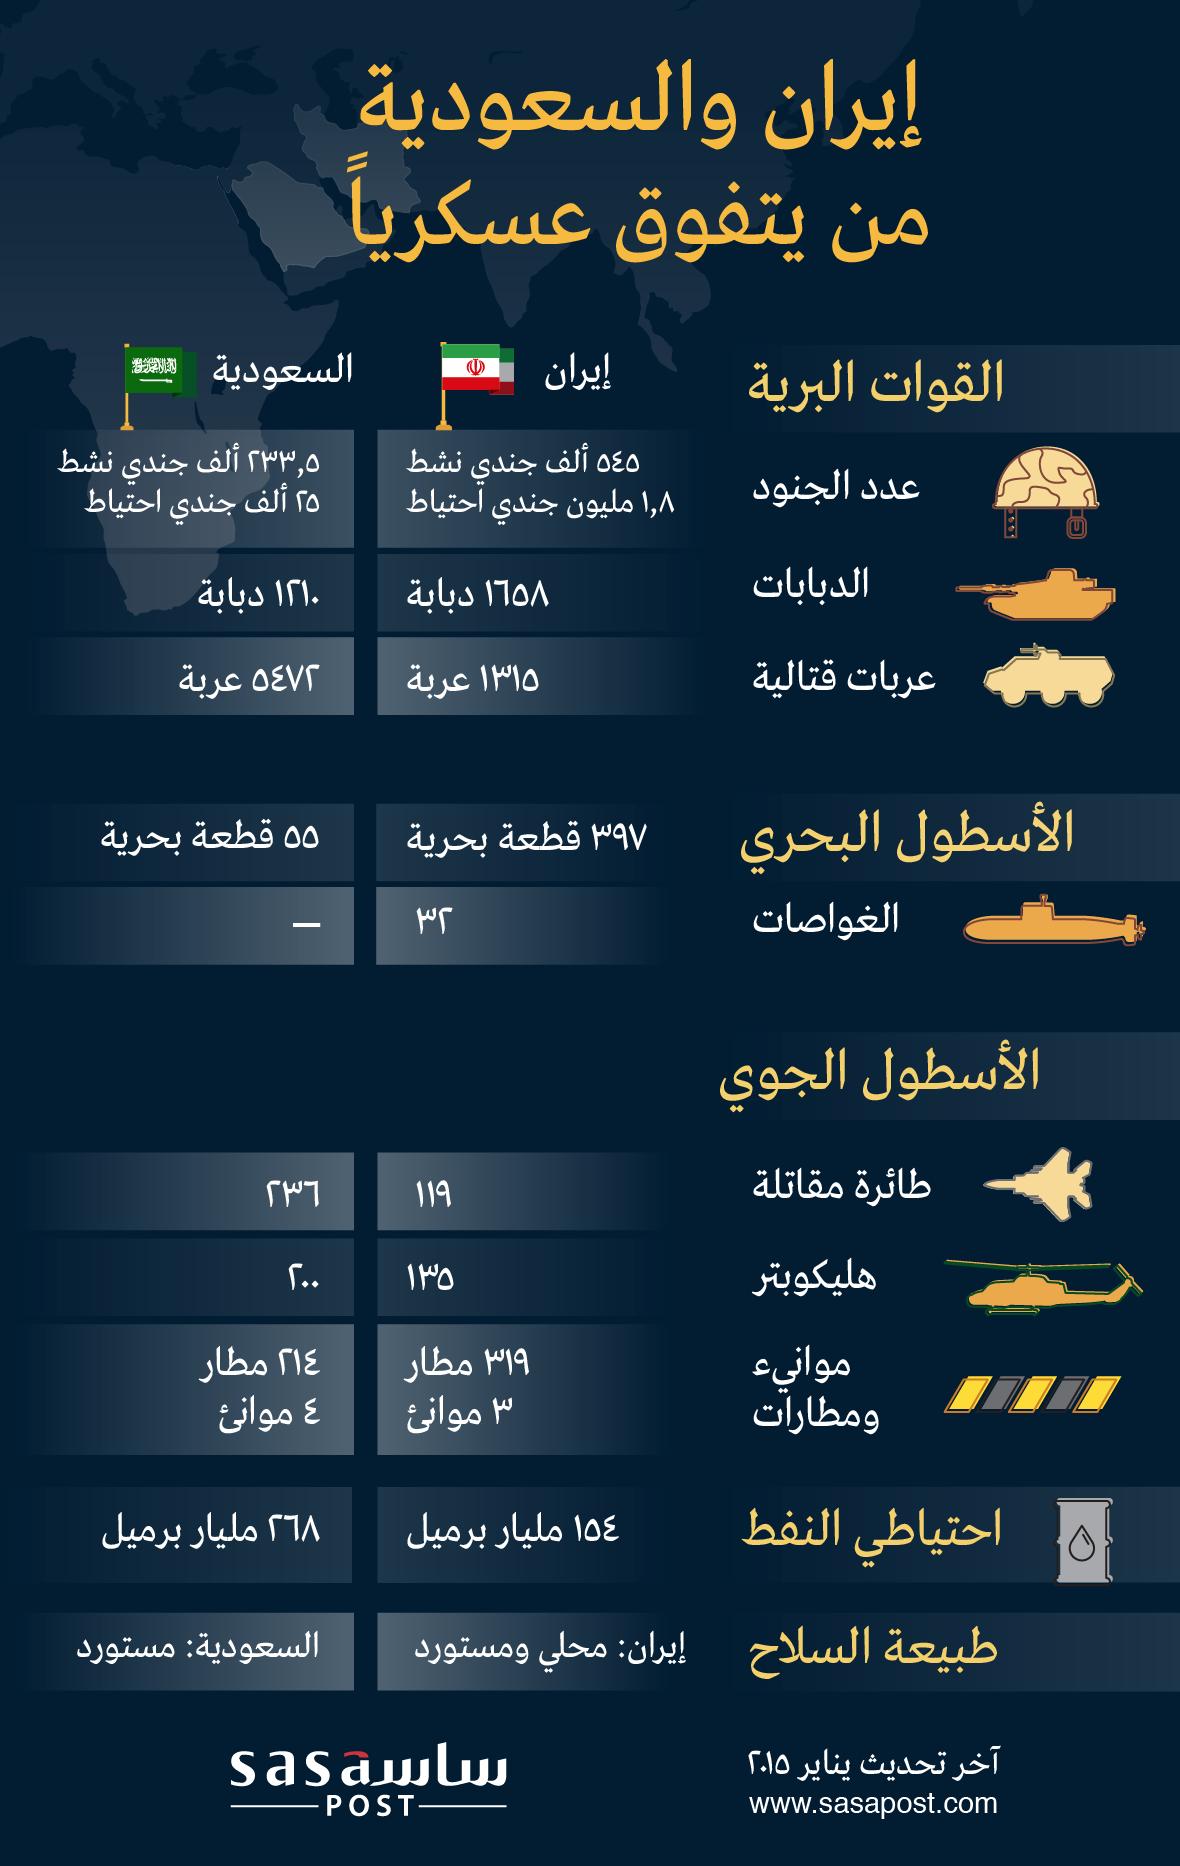 إيران_والسعودية